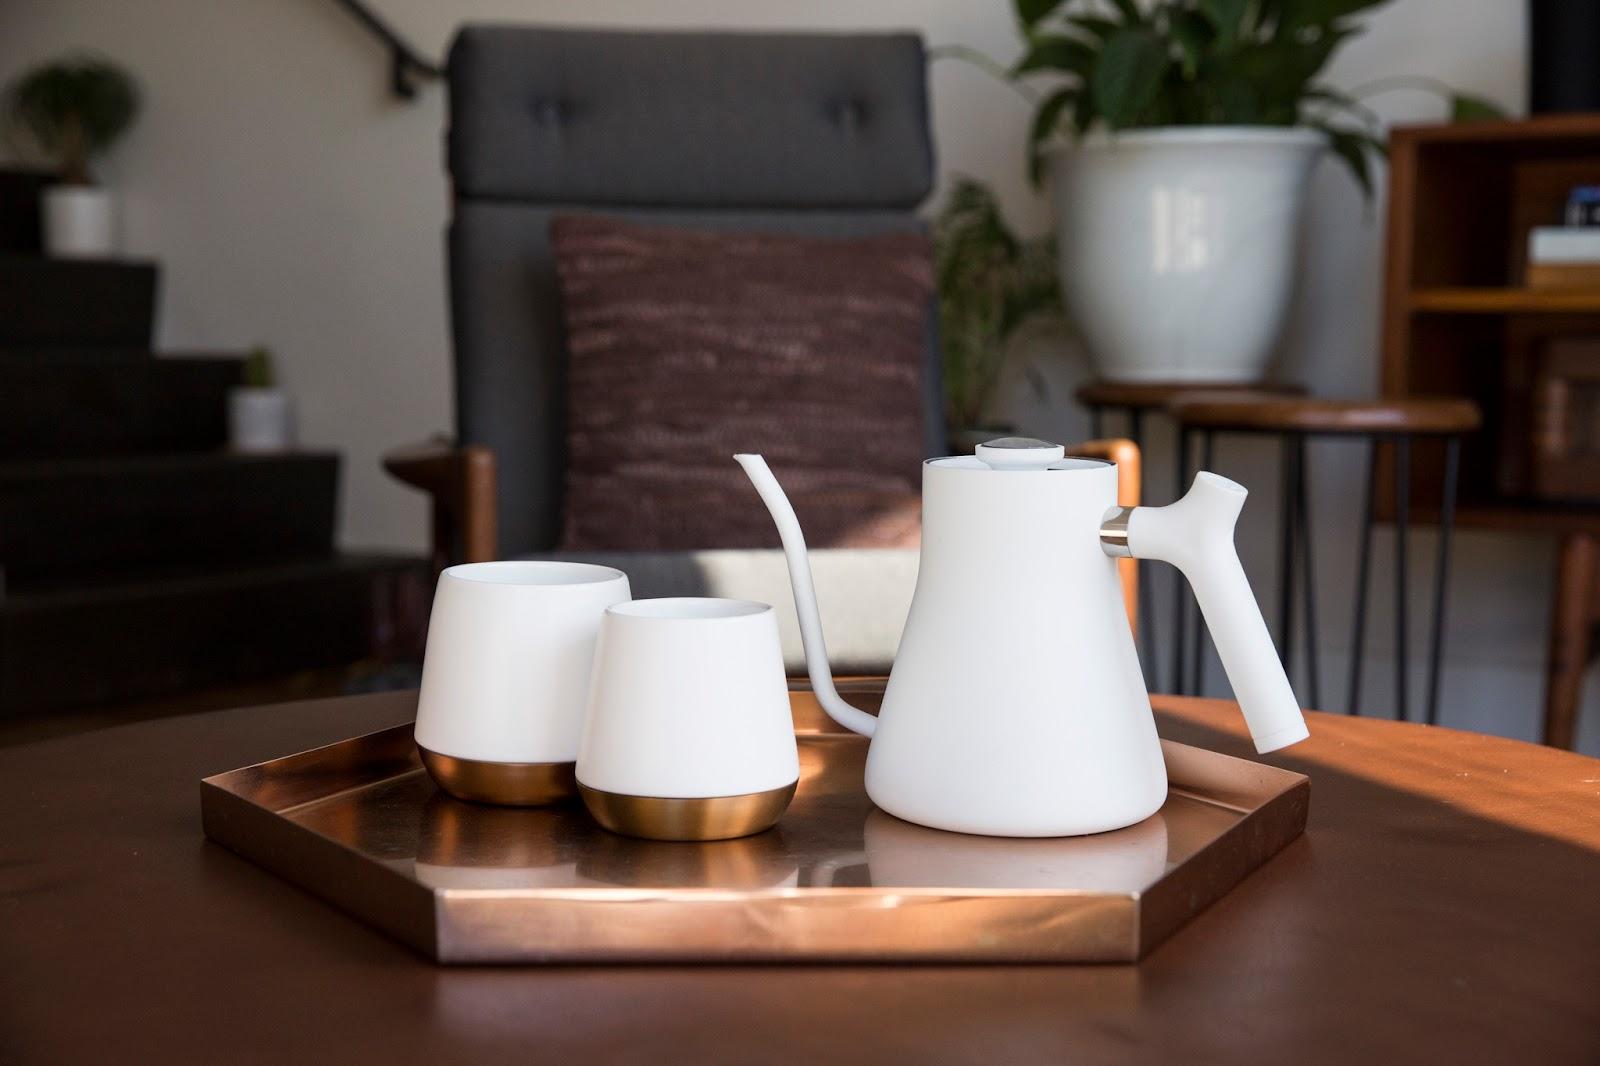 2021母親節 媽媽禮物 媽媽生日禮物 推薦 手沖咖啡壺